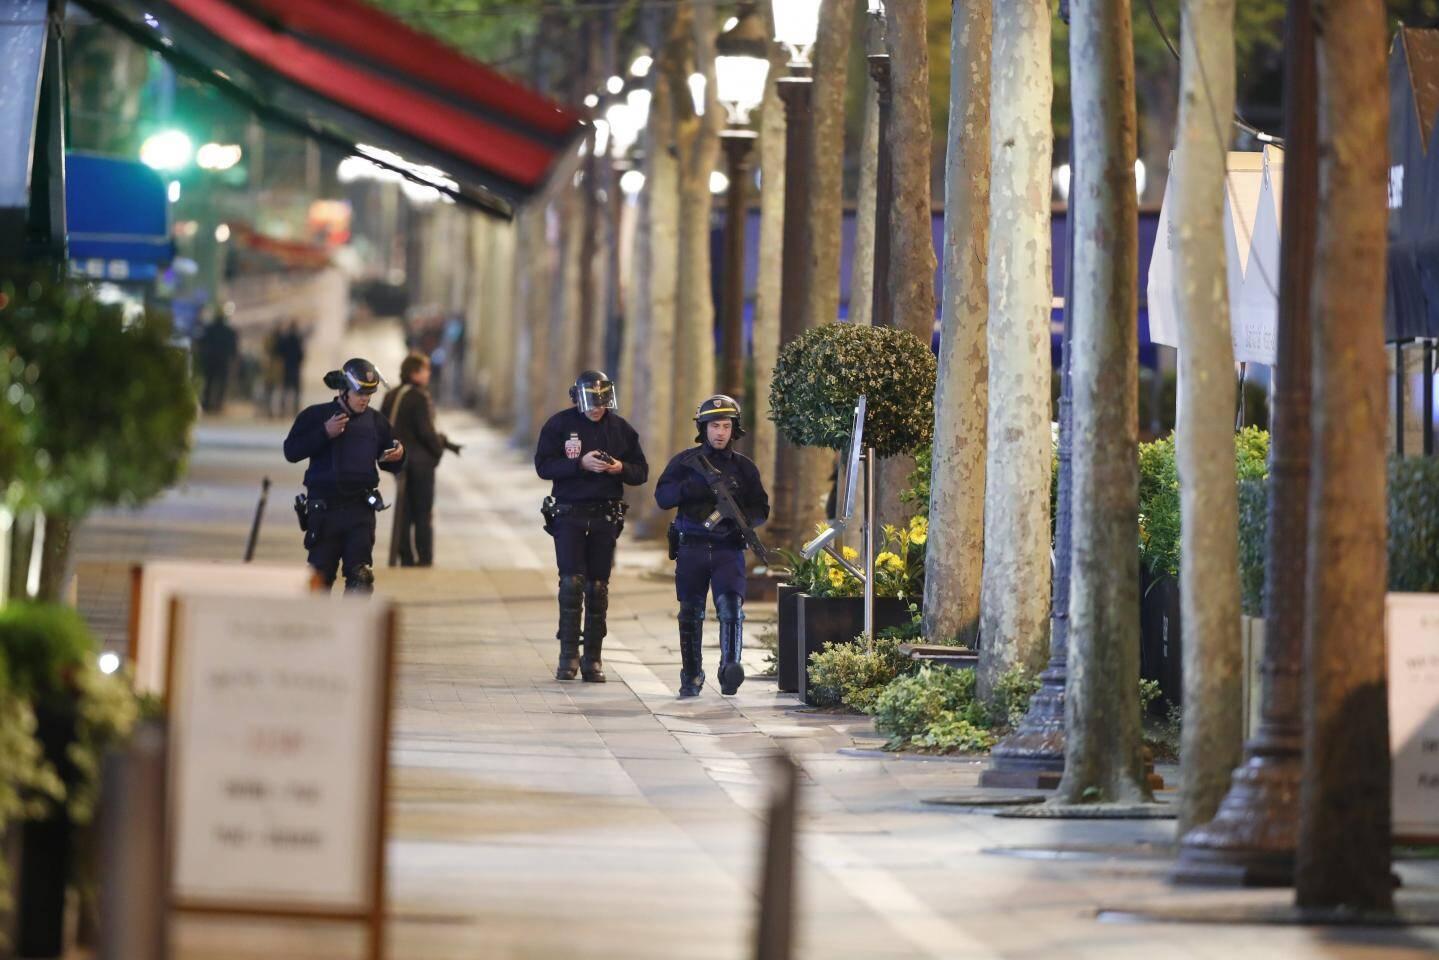 Les policiers sécurisent l'avenue avant de rouvrir l'artère.